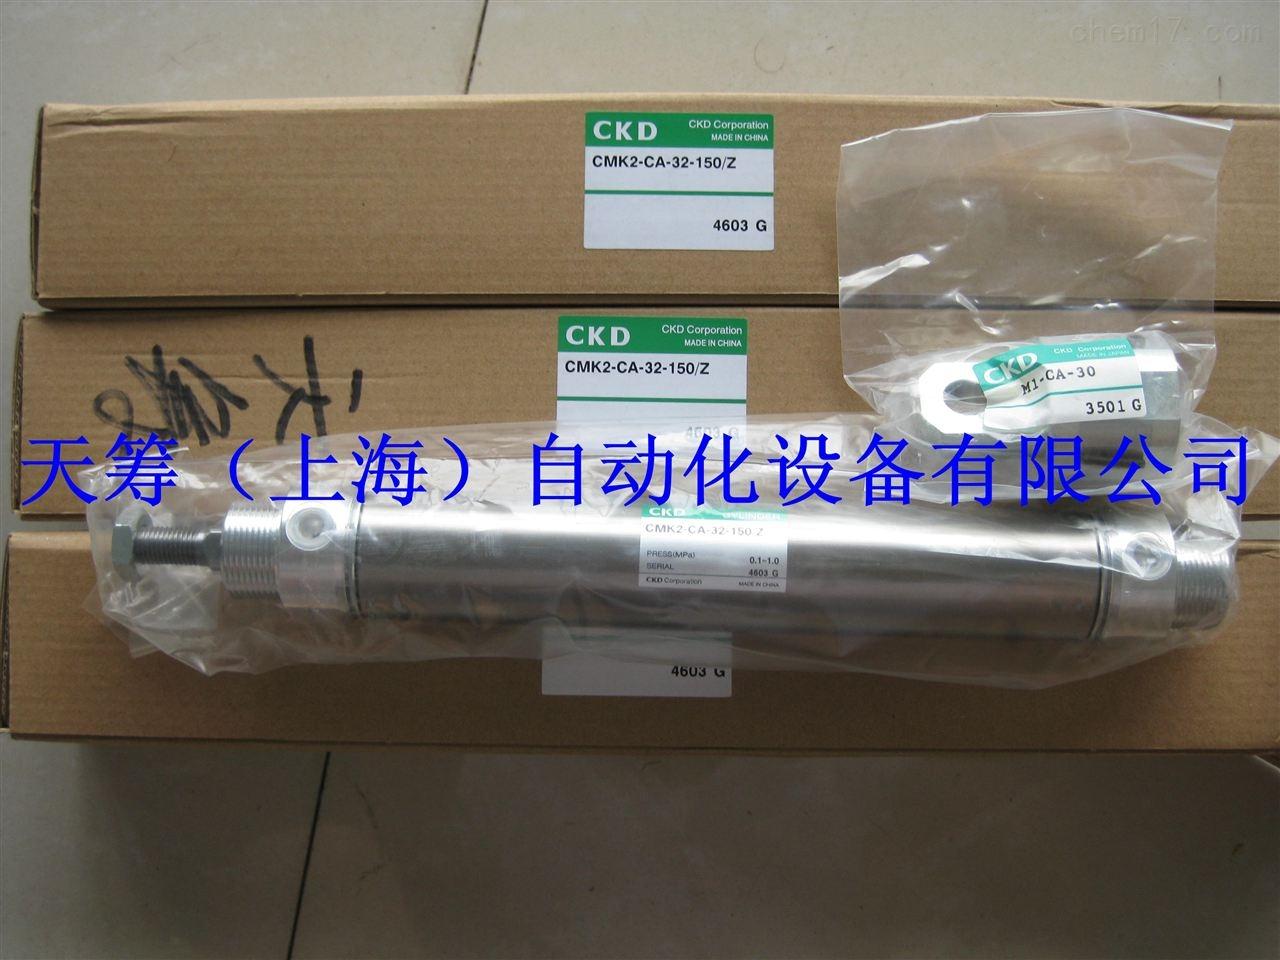 CKD紧固型气缸CMK2-CA-32-150/Z